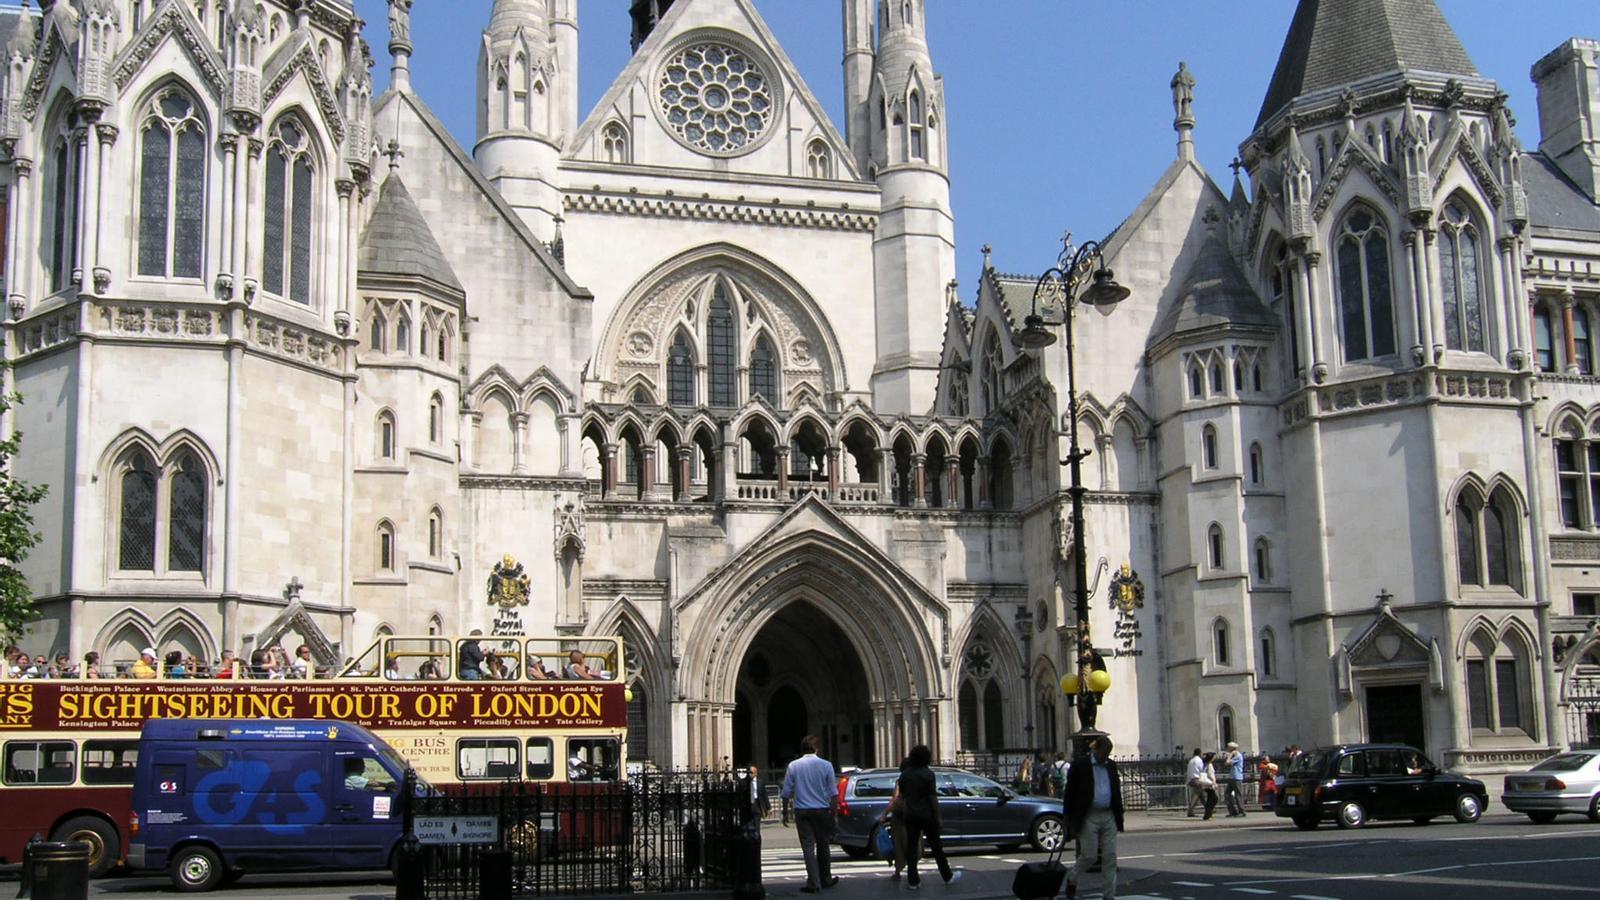 Seu del Tribunal Suprem del Regne Unit, al centre de Londres. / ANDRAS FÜLÖP